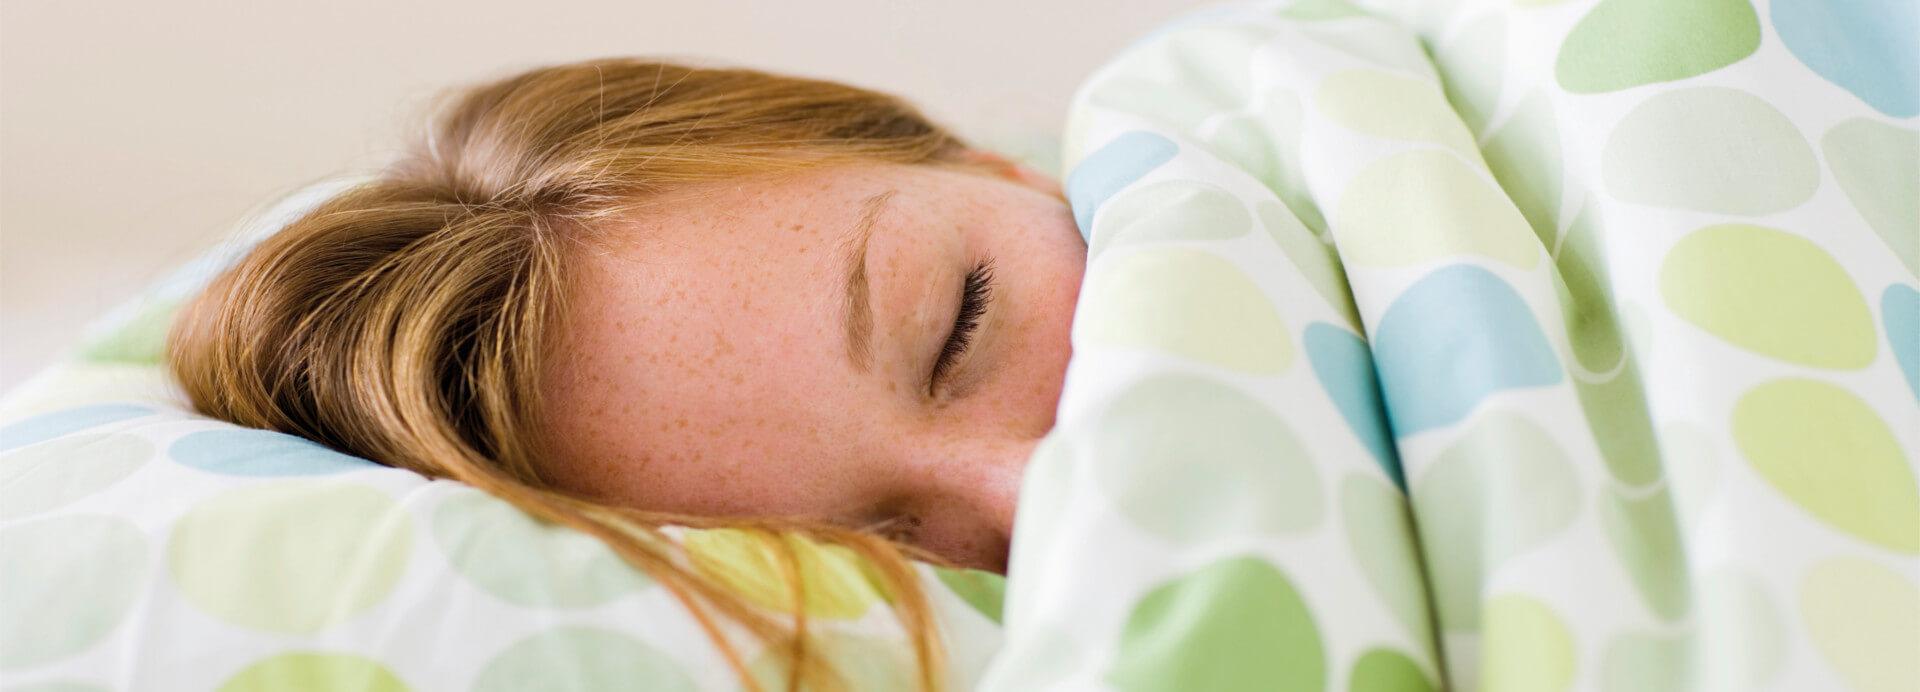 Ungezogen Im Bett